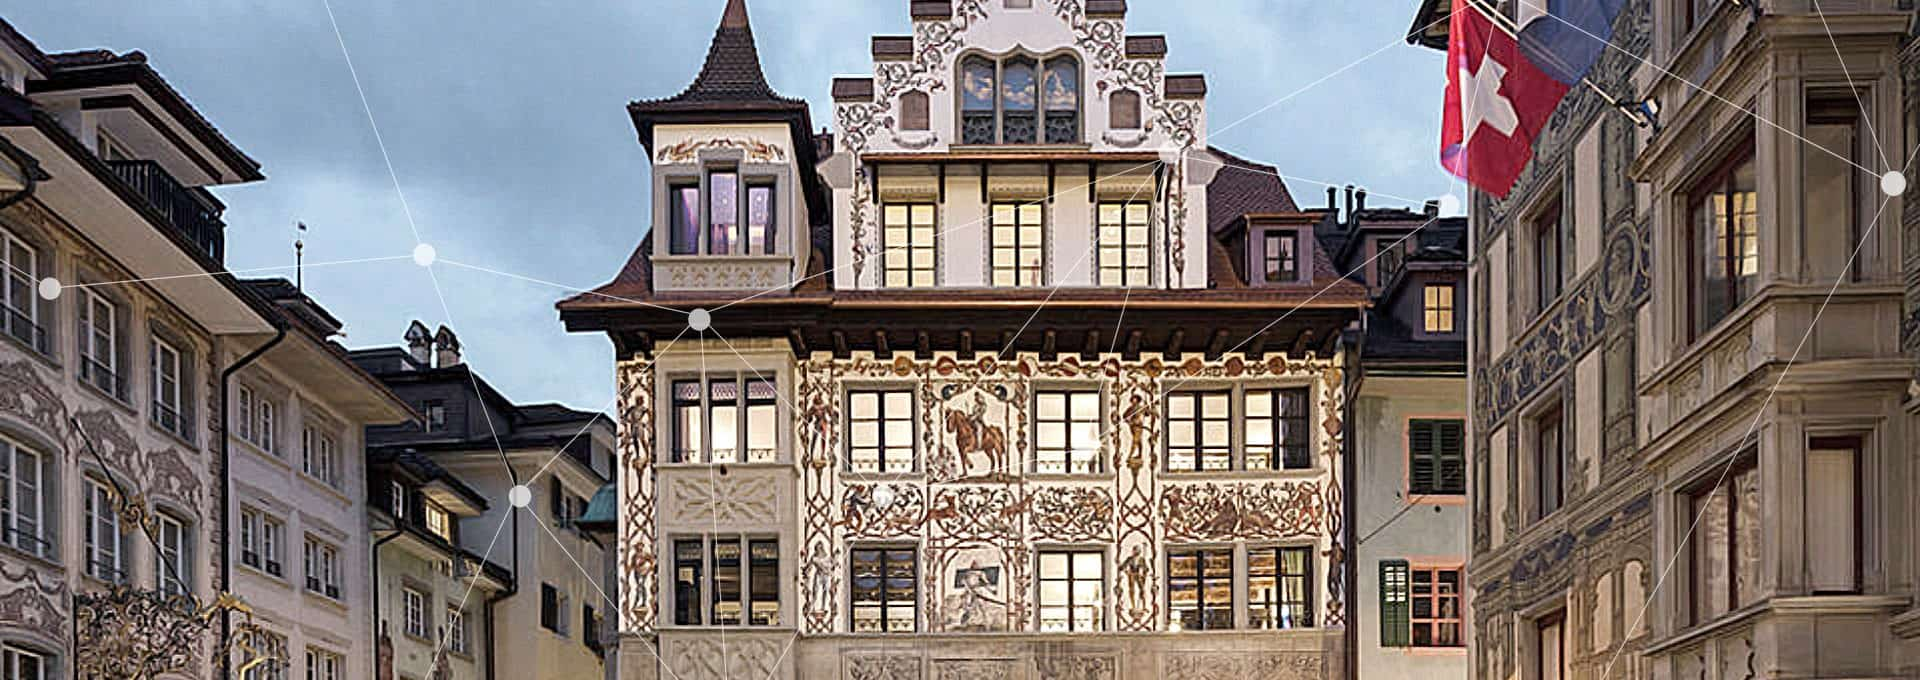 elektroplanung gebauedeautomation smart home luxus ausbau dornacherhaus hirschenplatz 7 luzern elmaplan ag